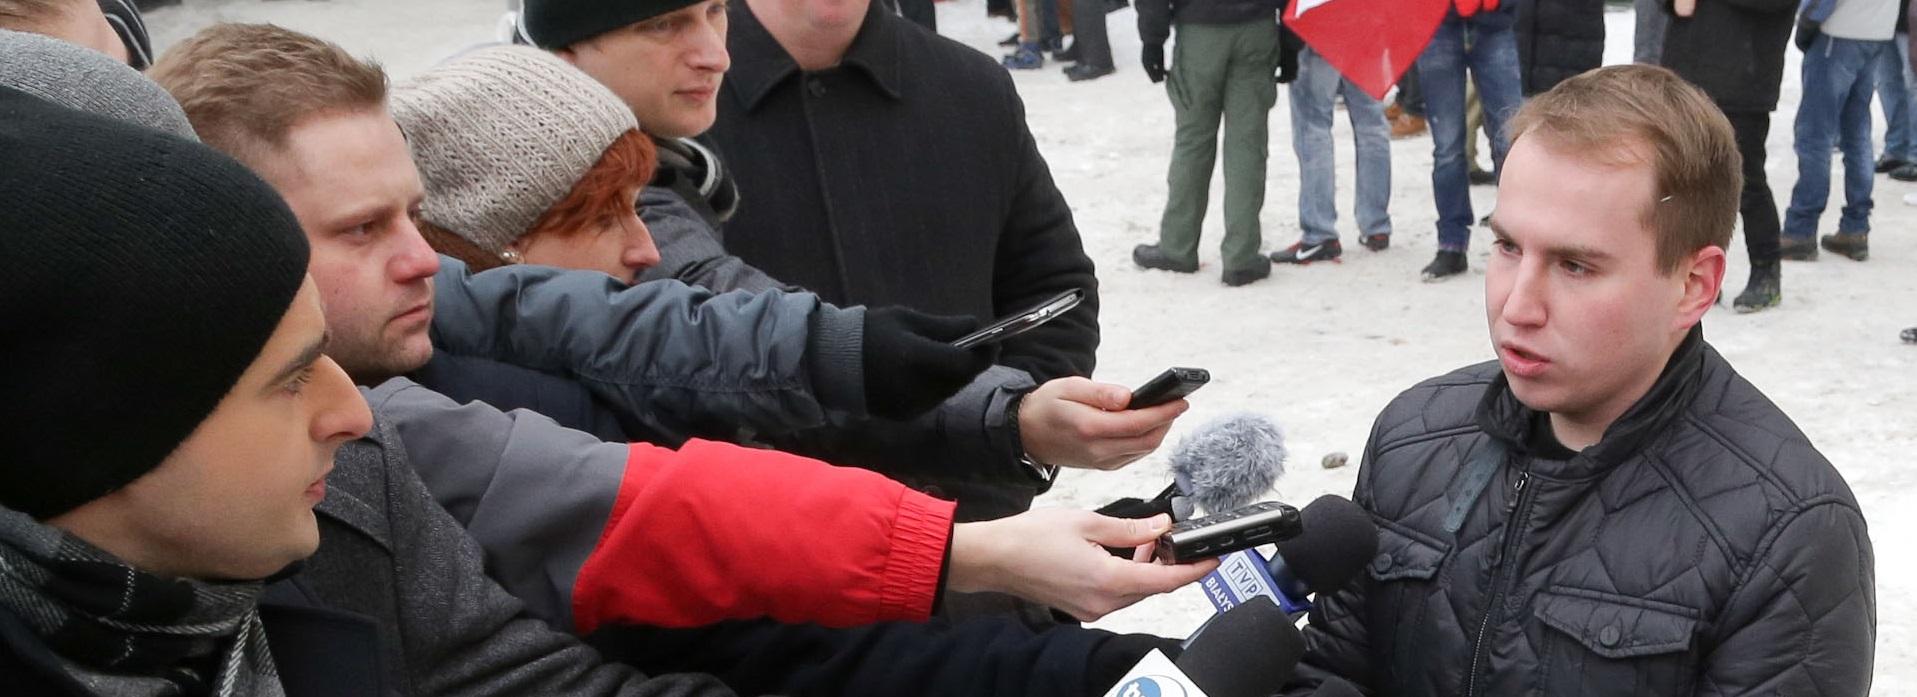 Andruszkiewicz zapowiada, że wystąpi na drogę prawną wobec redakcji i osób, które podały, iż sfałszował podpisy wyborcze